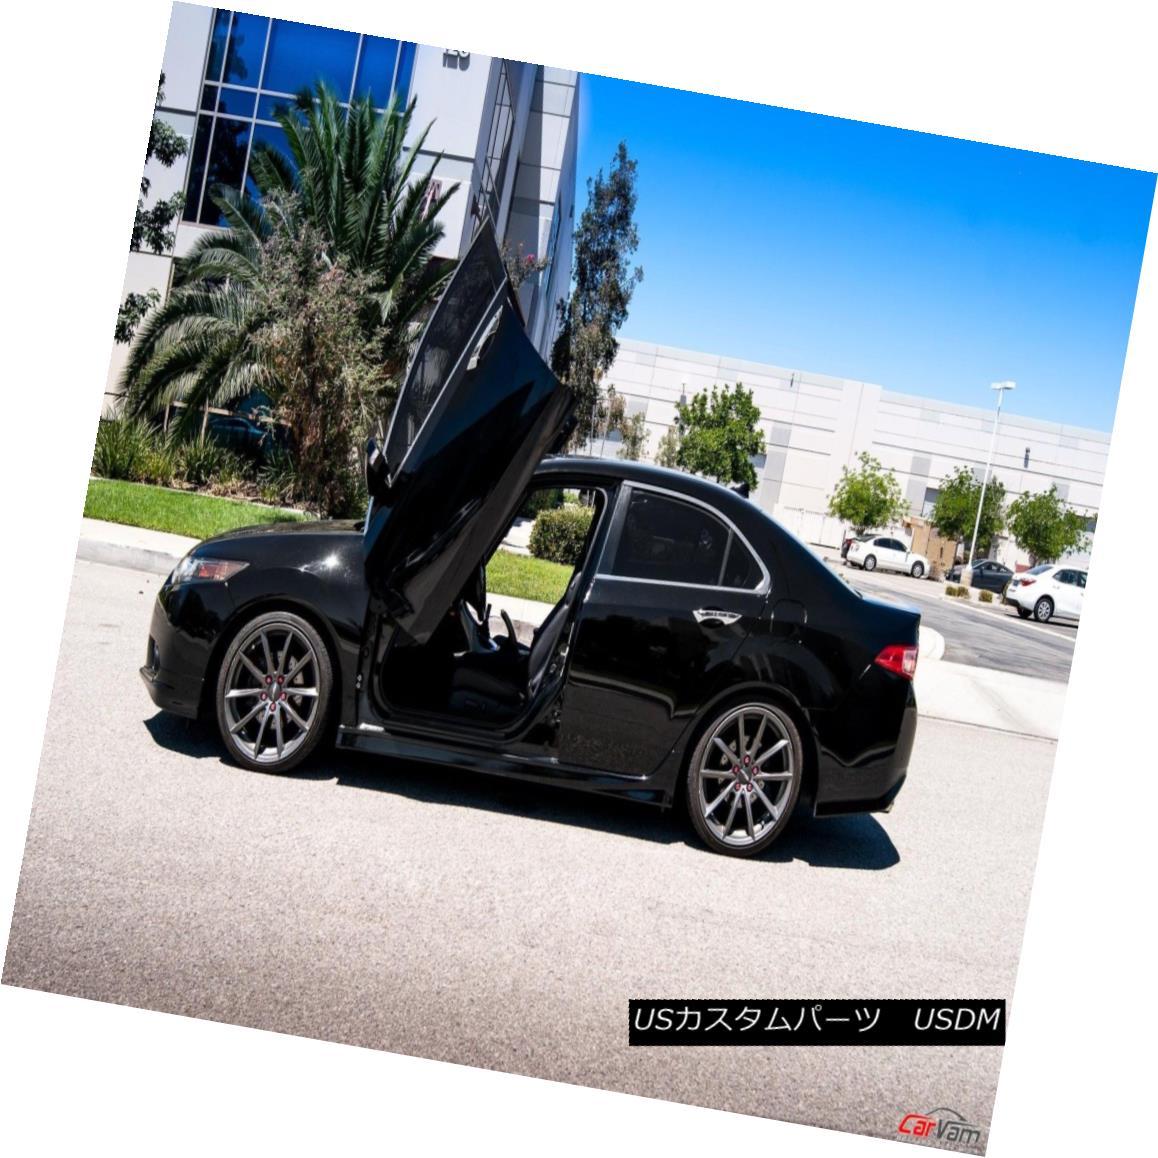 ガルウィングキット Vertical Doors - Vertical Lambo Door Kit For Acura TSX 2009-14 4DR -VDCATSX0914 垂直ドア - アキュラTSX 2009-14 4DRのための垂直ランボルフトドアキット-VDCATSX0914